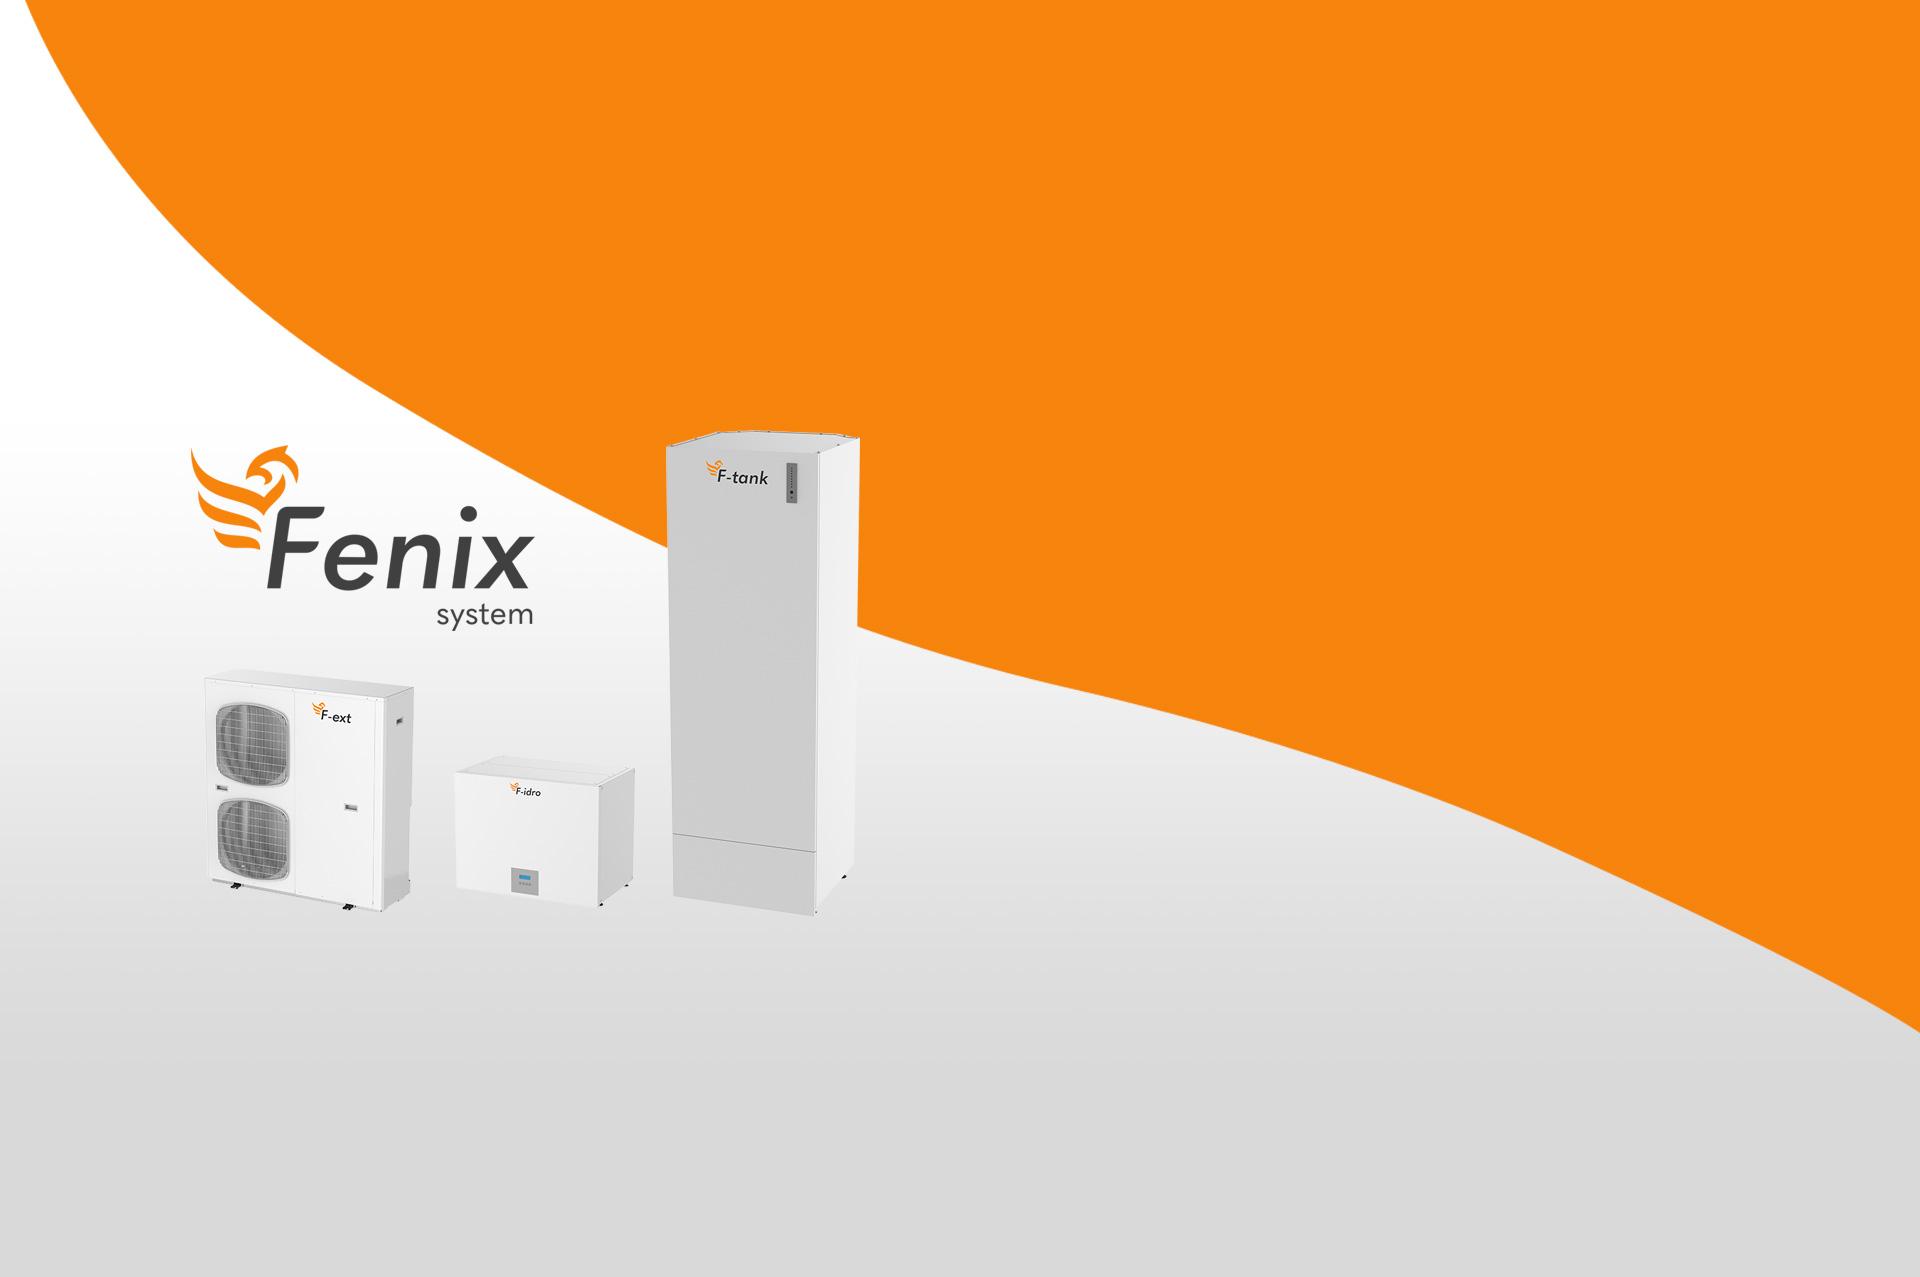 Sistema Fenix Pompa di Calore espansione diretta, idronica e recupero calore per acs